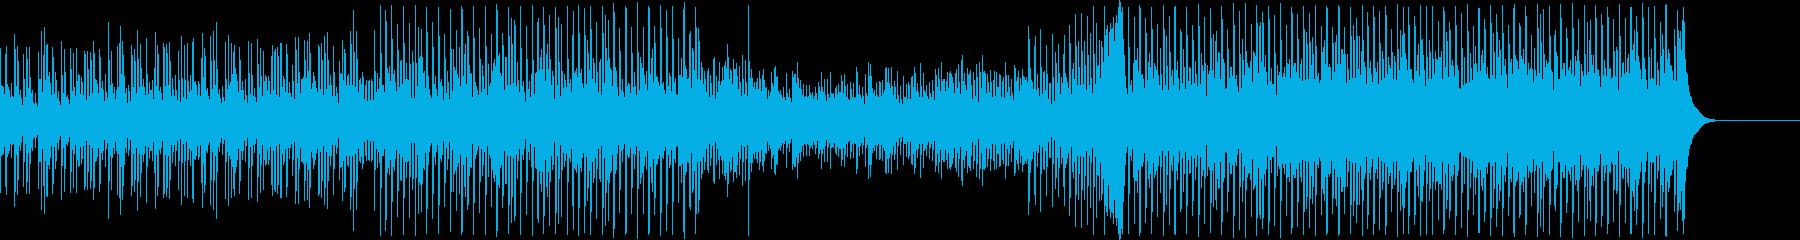 テクノ・ハッピー・コミカル・キッズの再生済みの波形